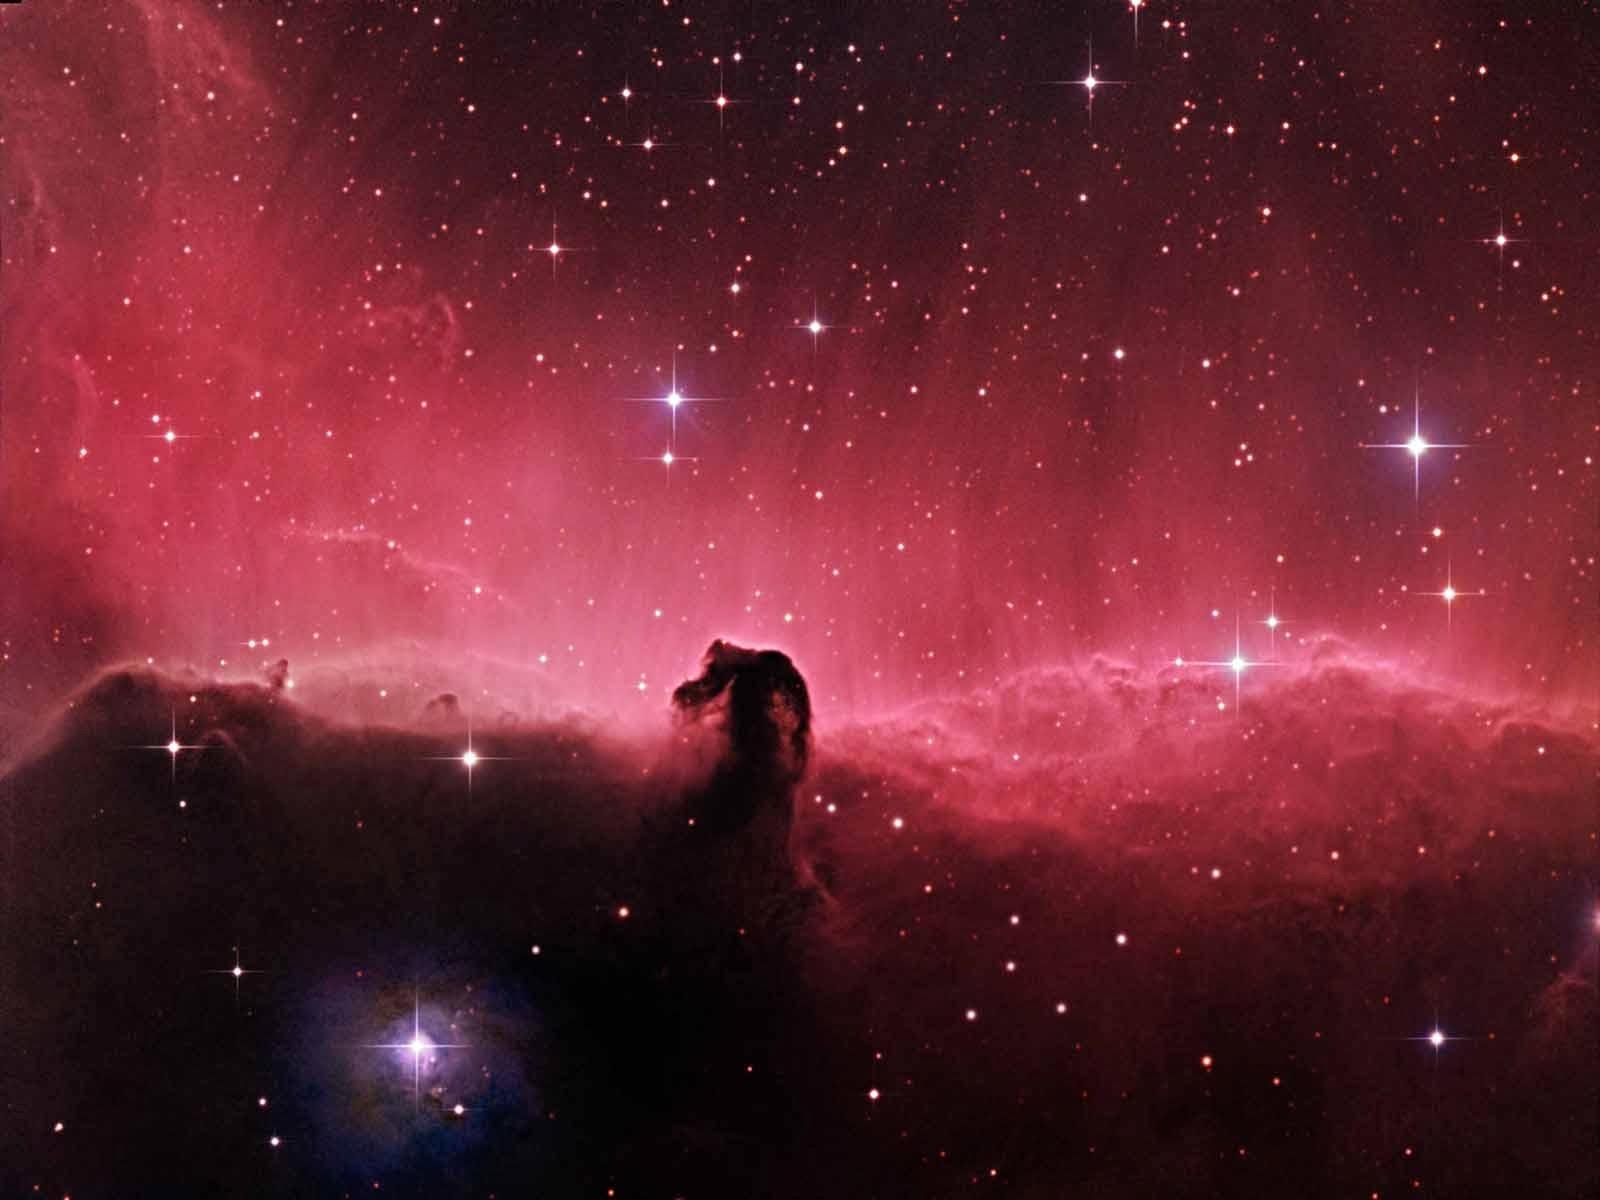 animated nebula wallpaper - photo #47